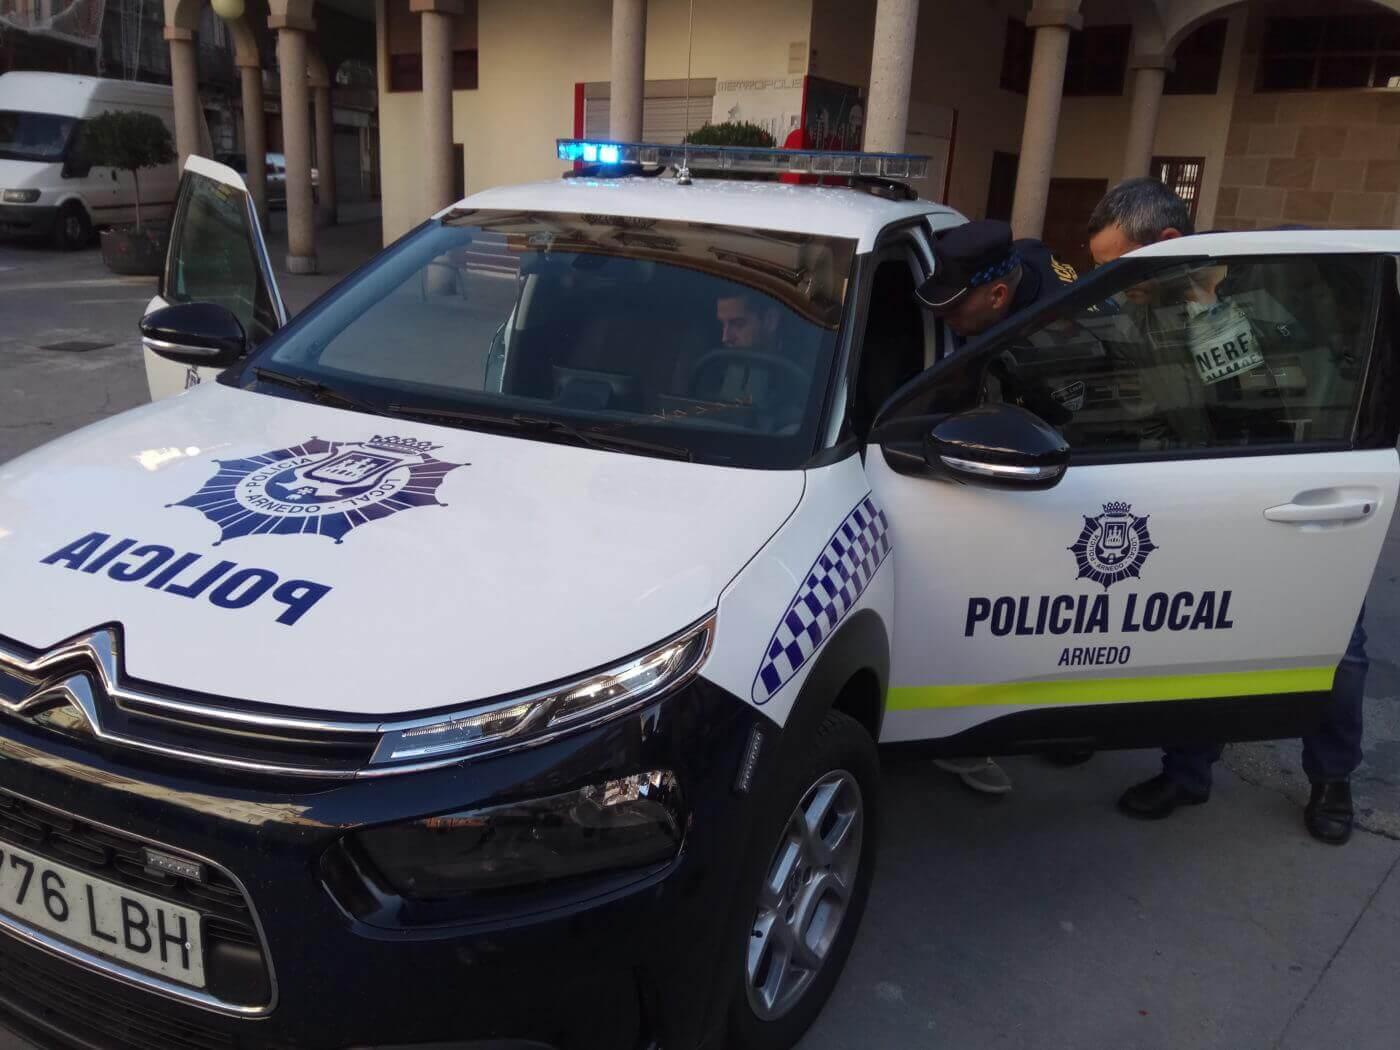 La Policía Local ha tramitado ya 42 propuestas de sanción ante la Delegación de Gobierno